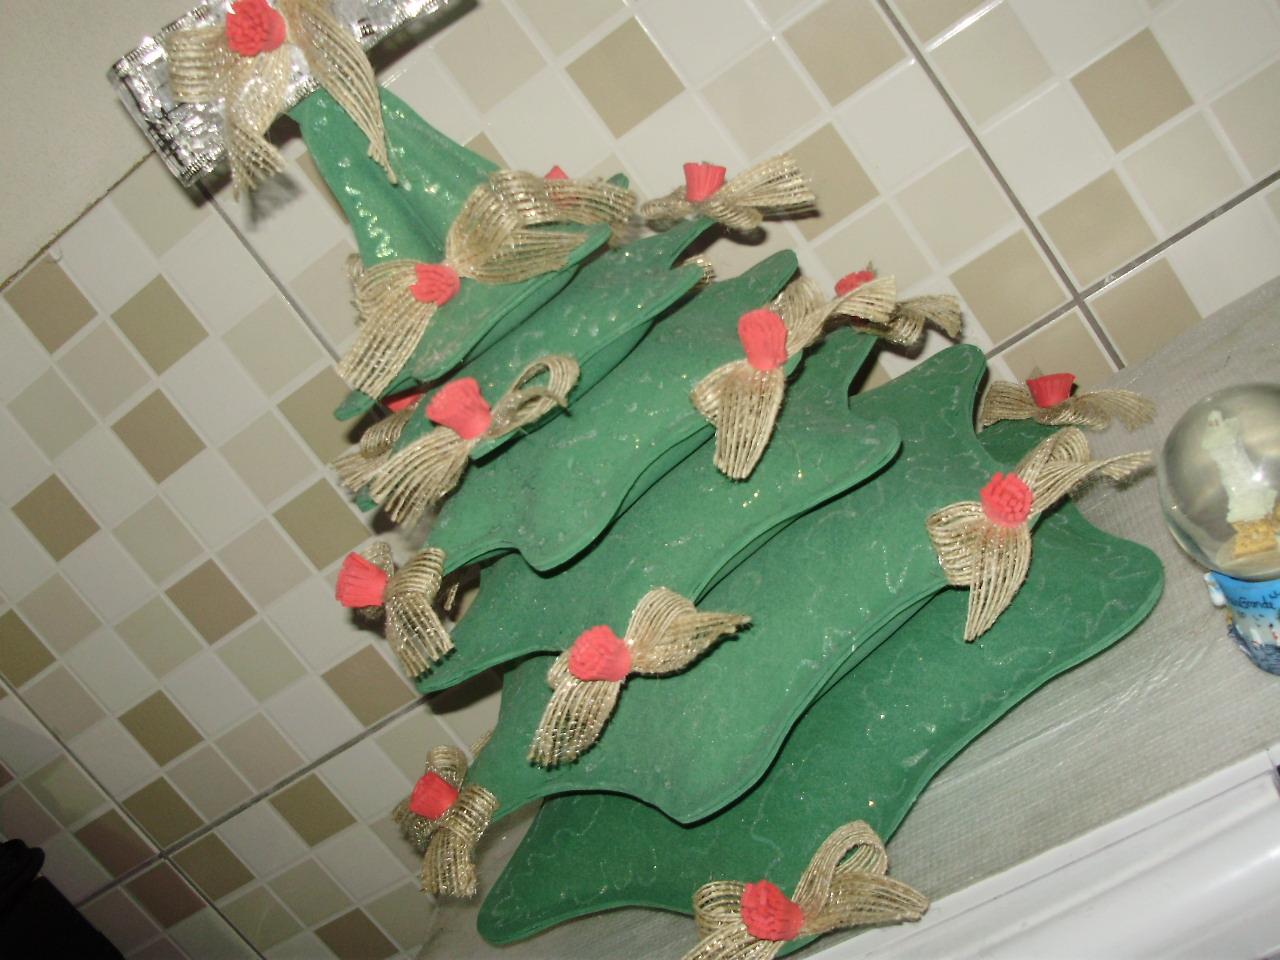 decoracao em arvore de natal : decoracao em arvore de natal:Decoração de festas e lembrancinhas.: Arvore de natal em eva